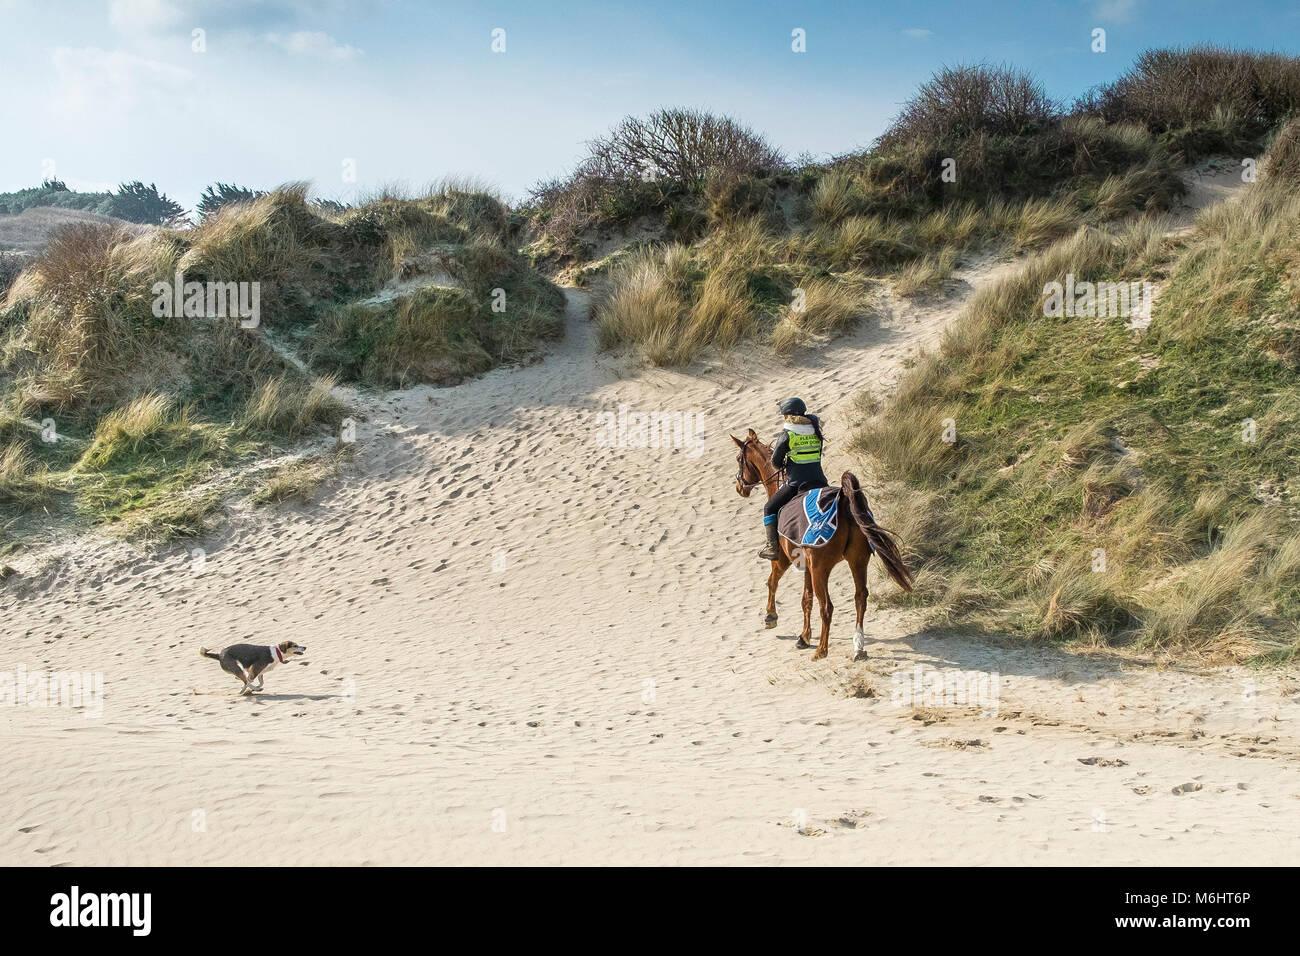 Un perro de la cabeza girando a un jinete en las dunas de arena en Crantock en Newquay, Cornwall. Imagen De Stock